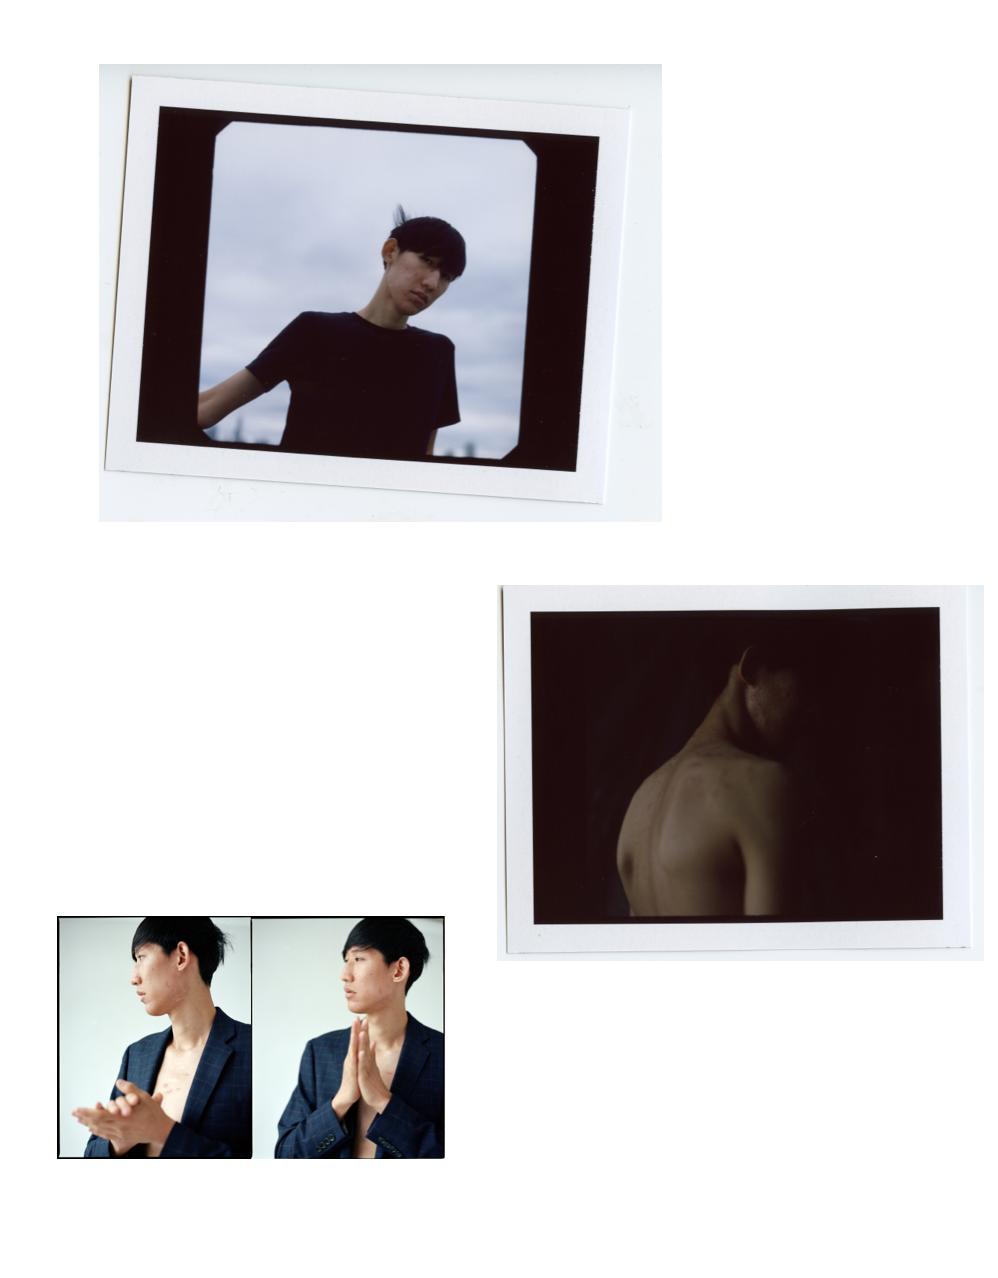 ingmar_chen_04.png